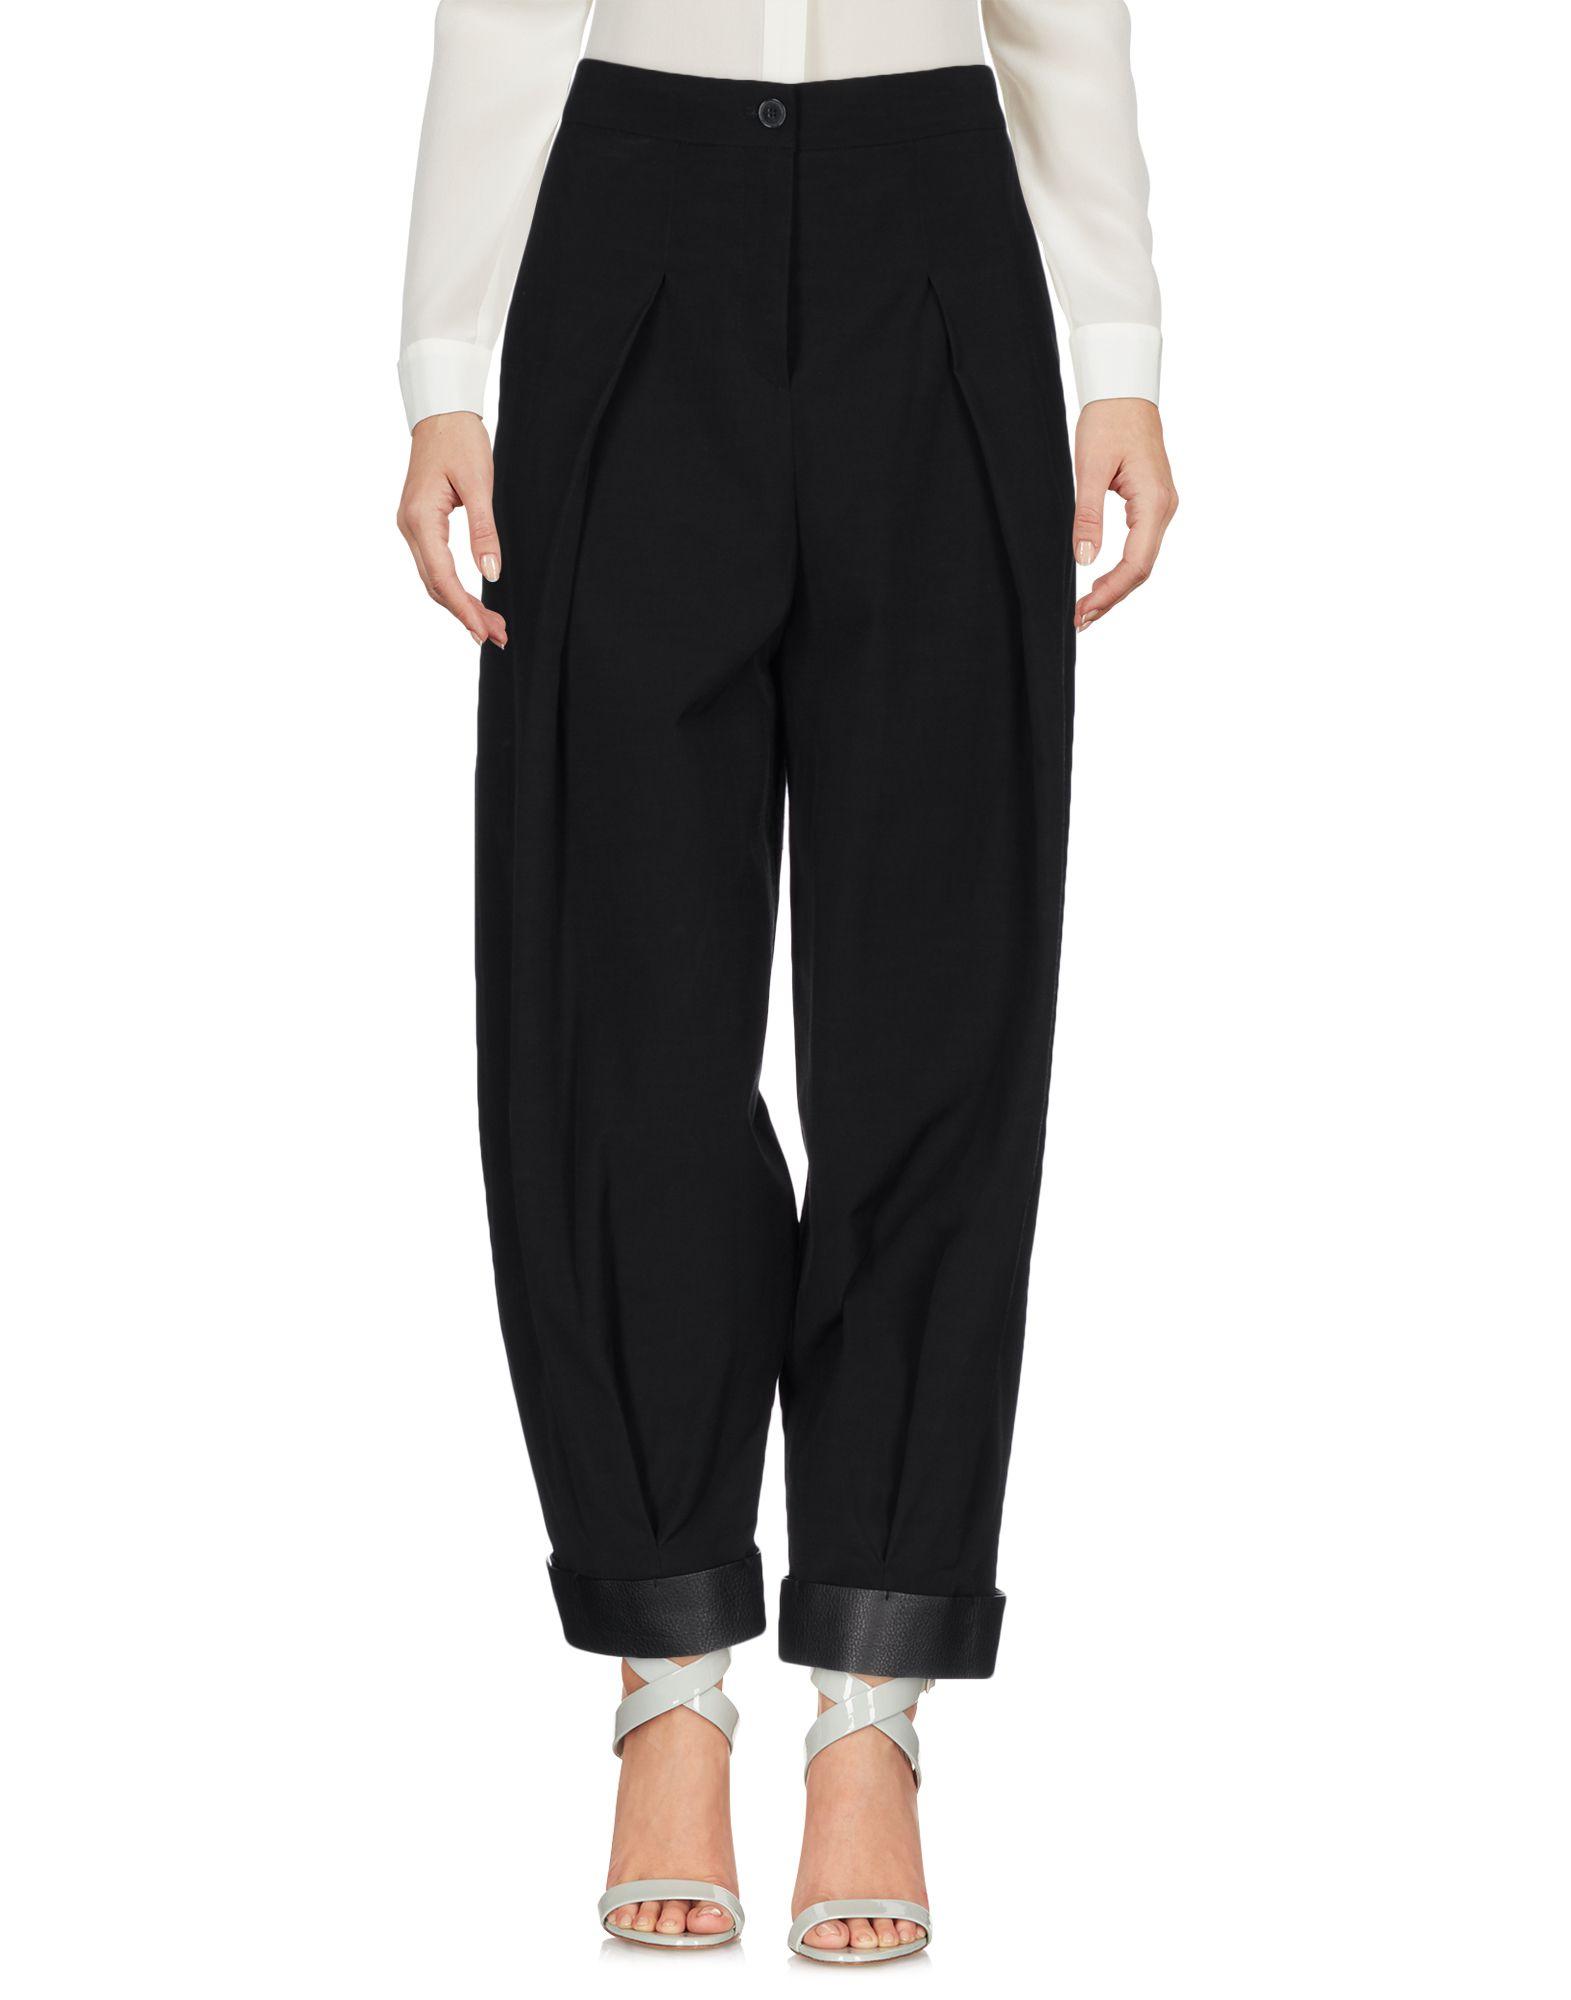 Pantalone Emporio Armani Donna - Acquista online su XsZGFR